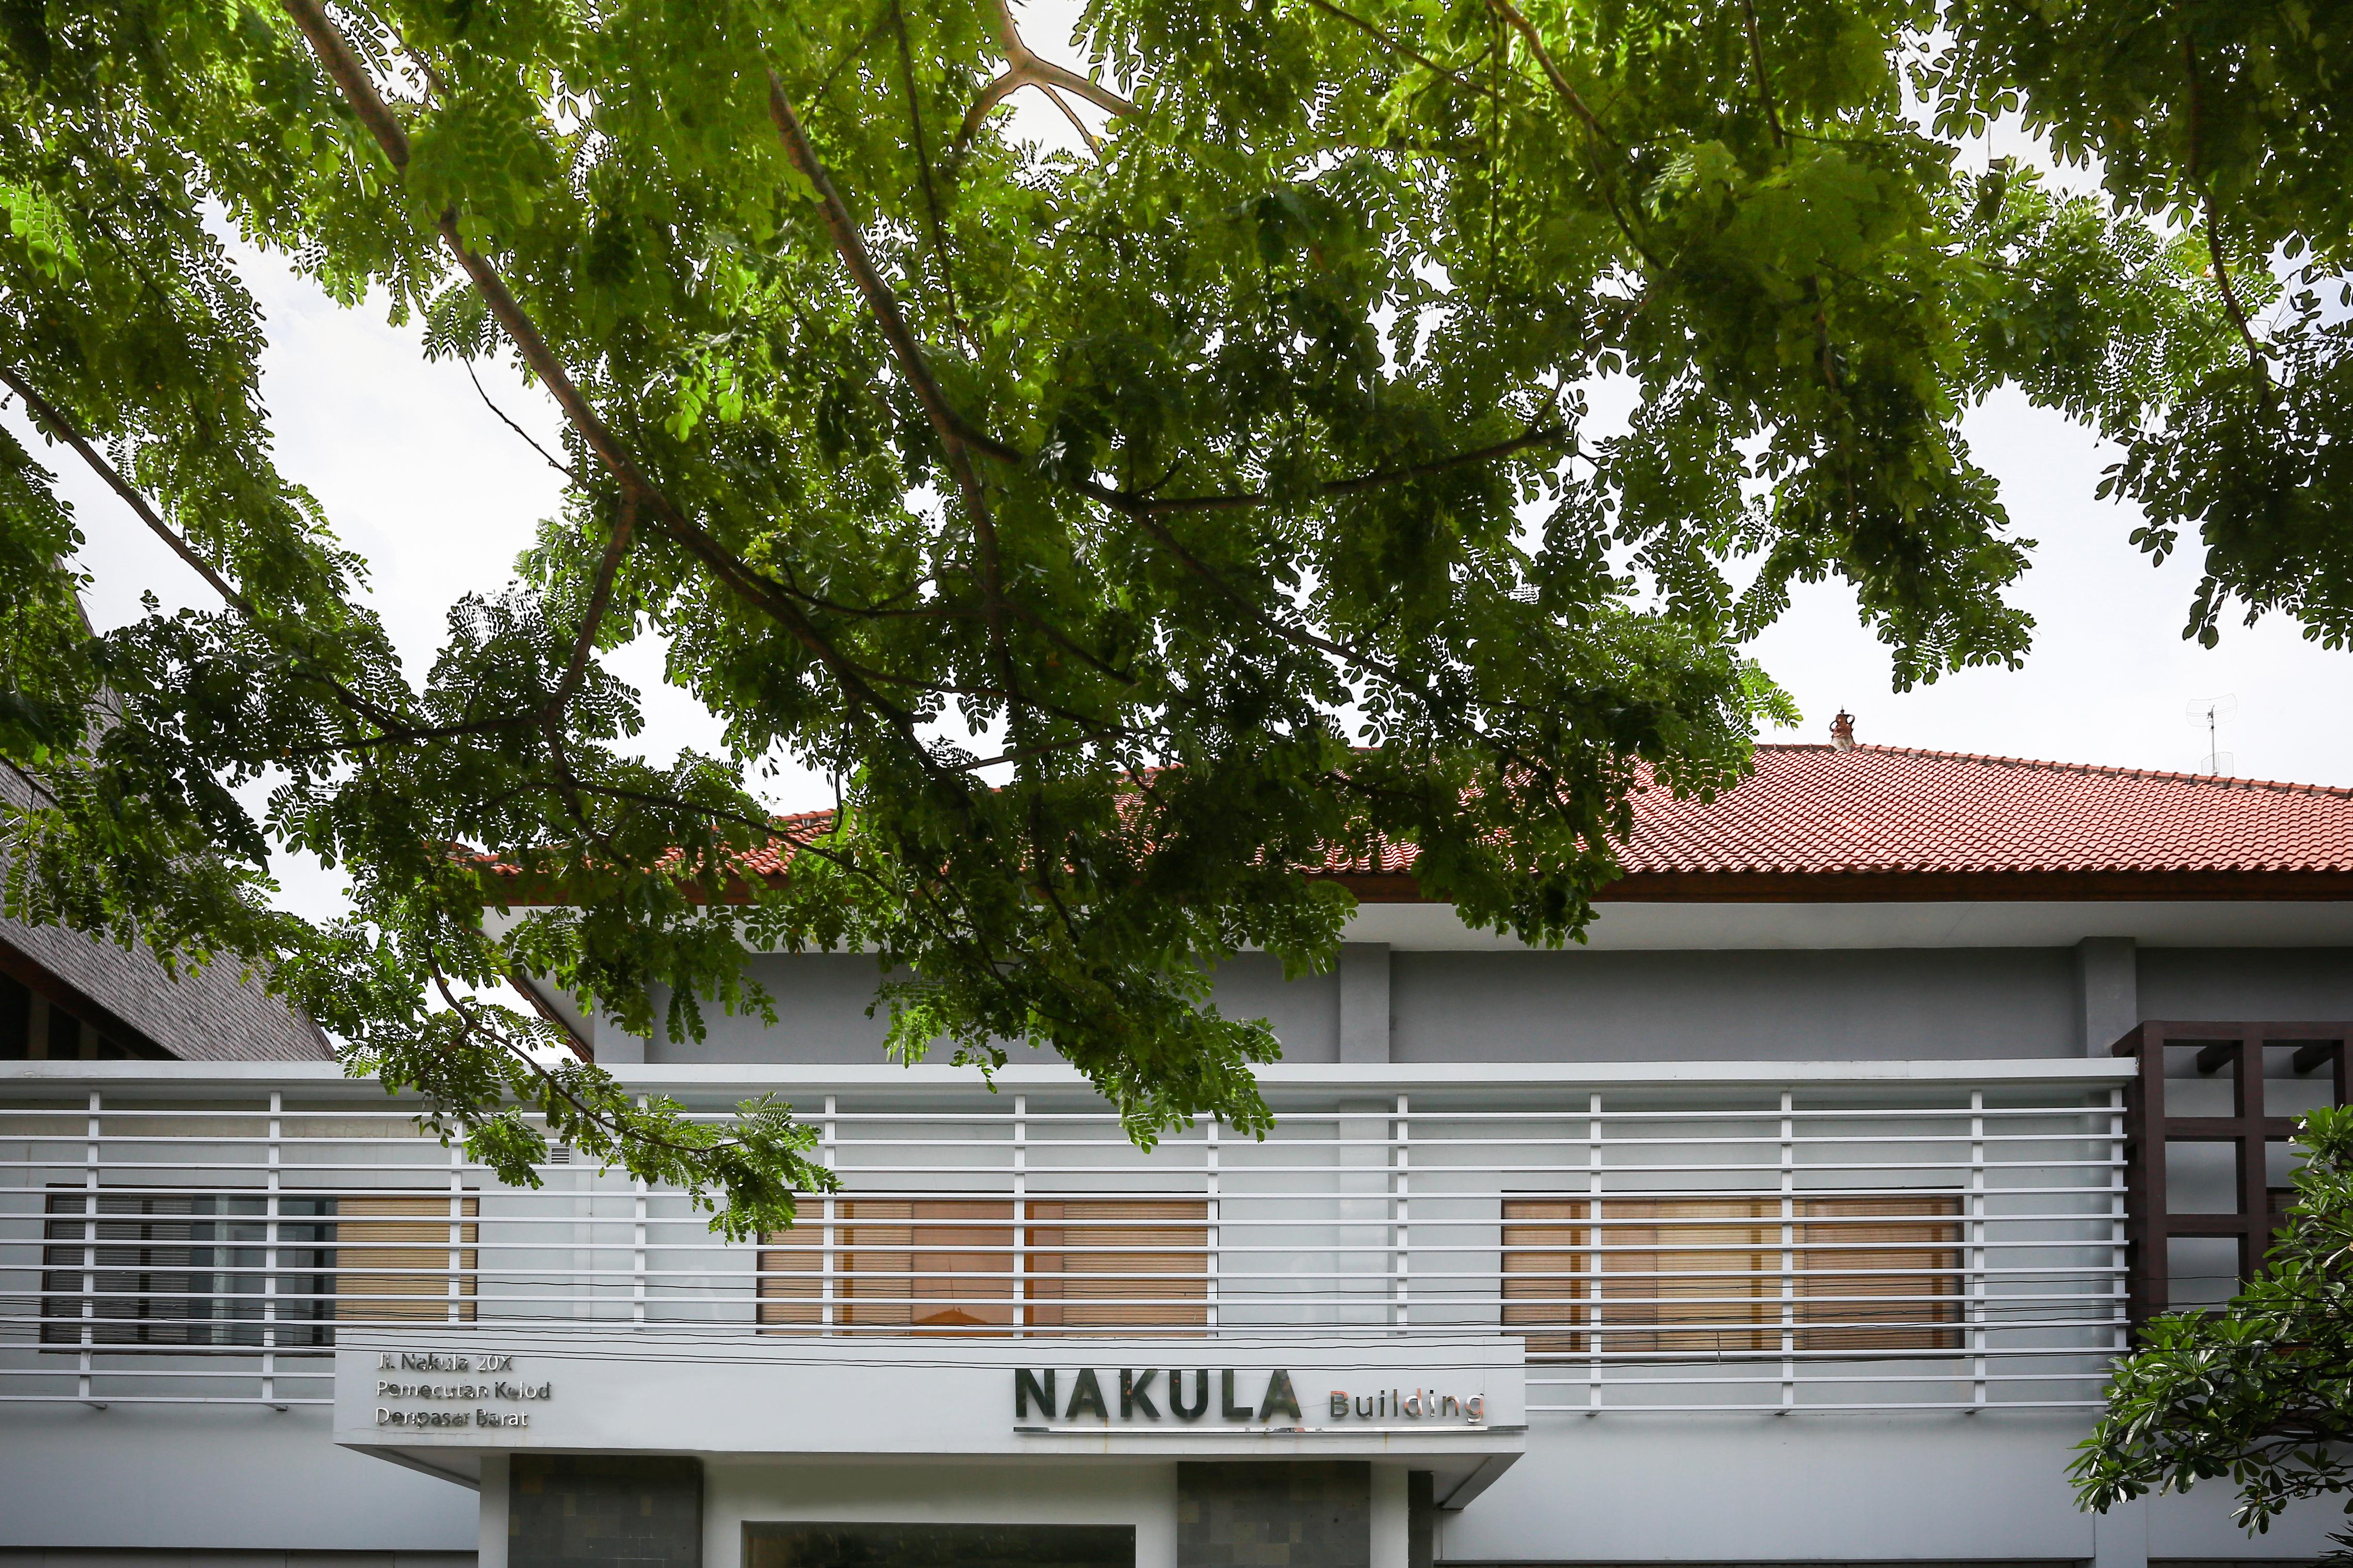 NAKULA-2-3280614381-O.jpg